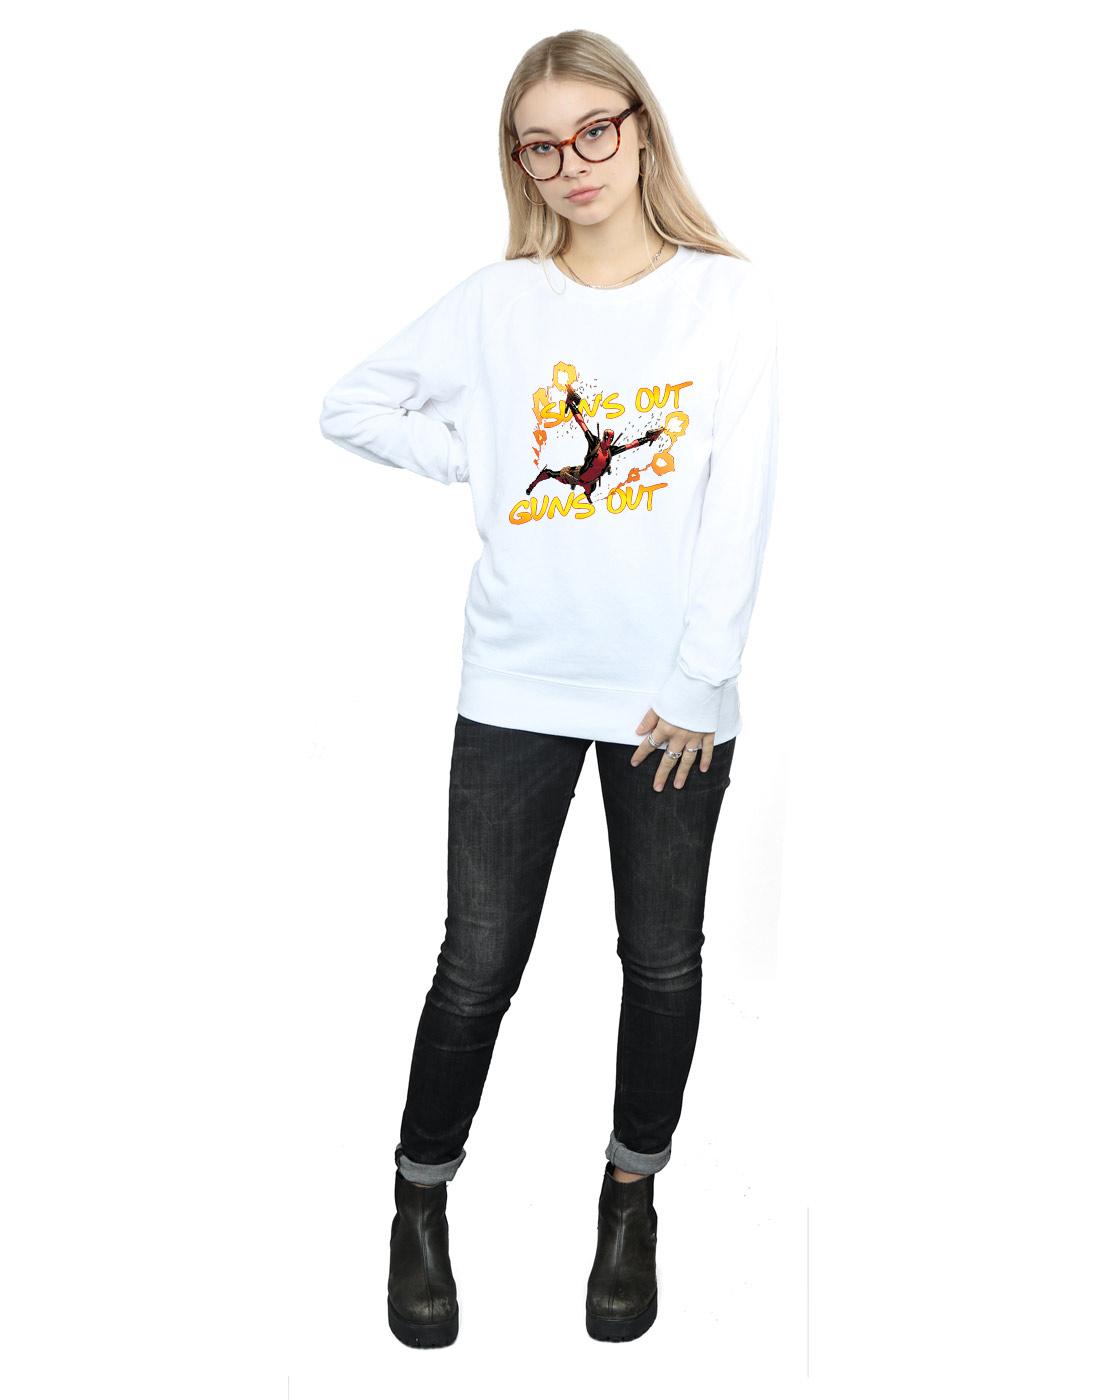 Marvel Damen Deadpool Sun's Out Guns Out Out Out Sweatshirt   Verschiedene Arten Und Die Styles    Hochwertige Produkte    Neue Sorten werden eingeführt    Zürich    Neue Produkte im Jahr 2019  141006